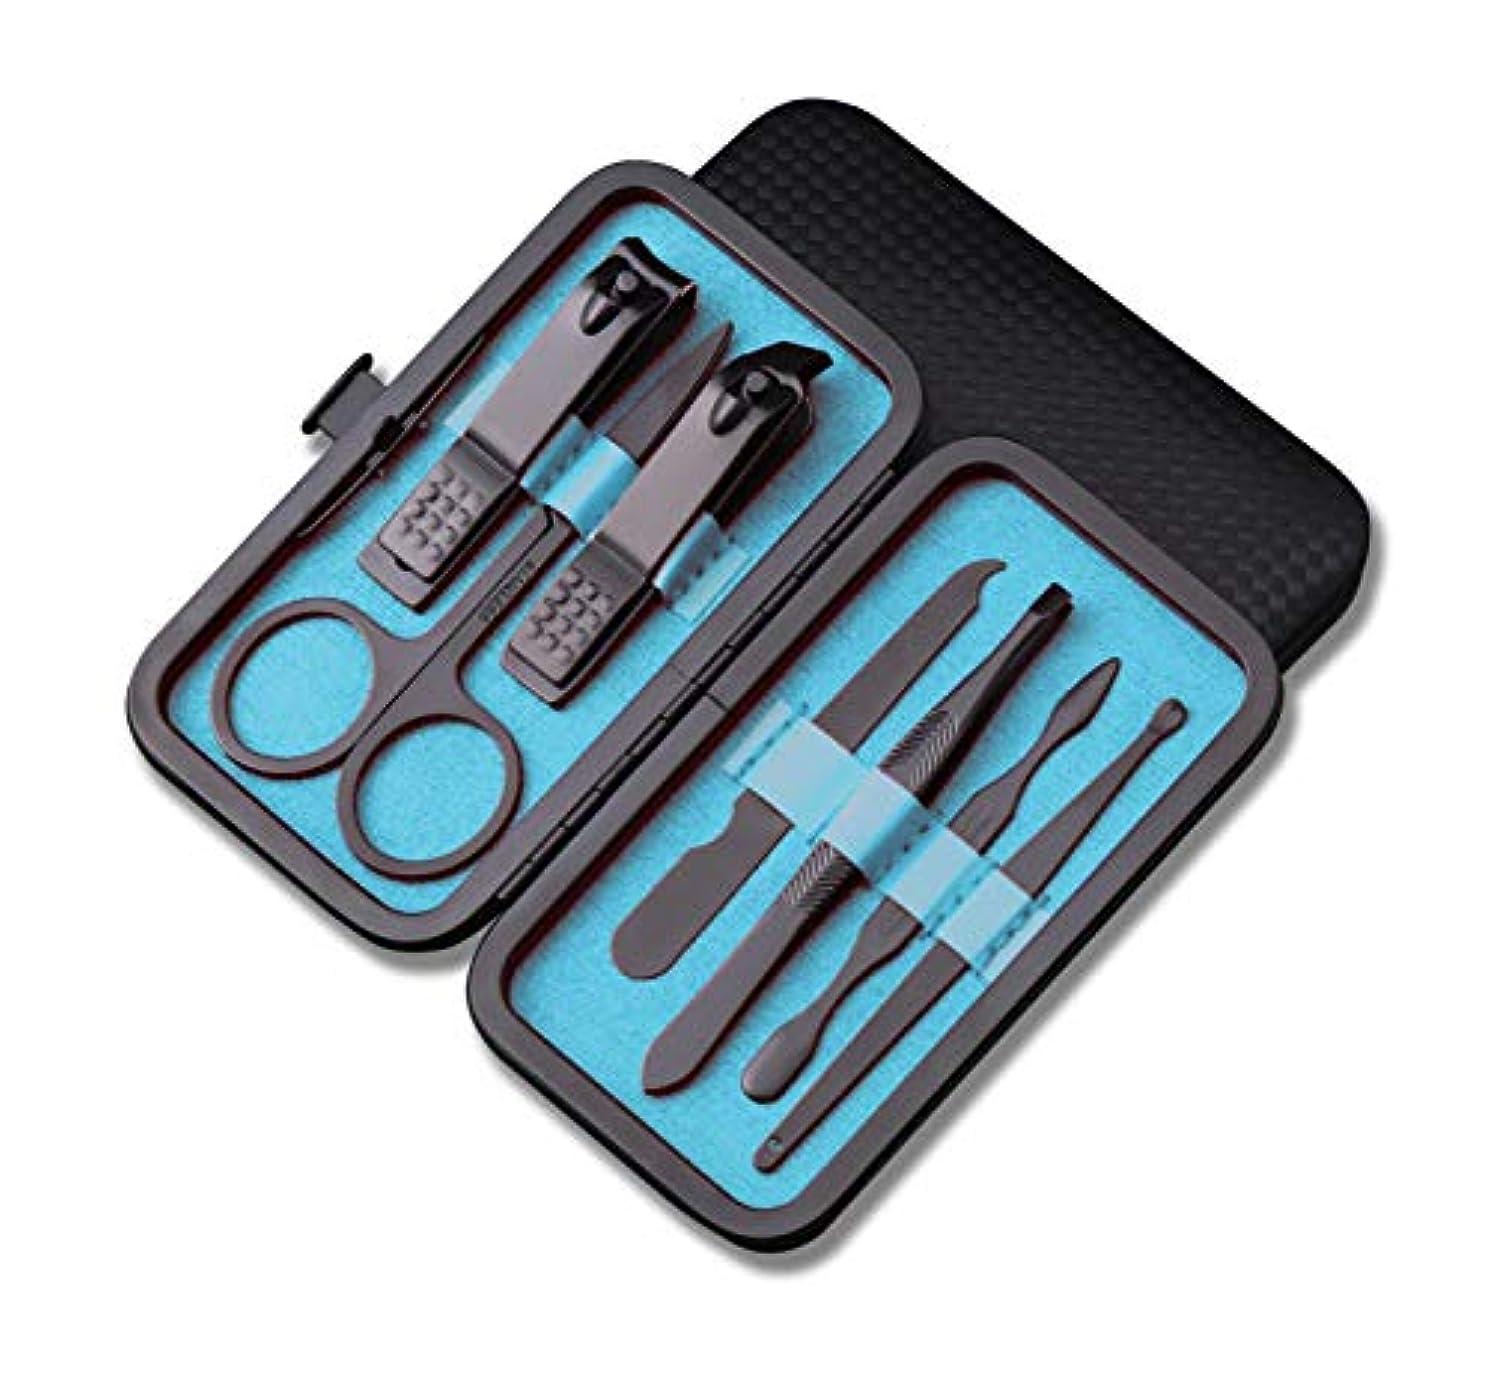 雰囲気繰り返すフィードバック爪切り, 爪切りセット, 7点セット, 高級のステンレスの爪切り, 手足の爪の看護が通用します, 携帯 収 納ケース, 男女兼用